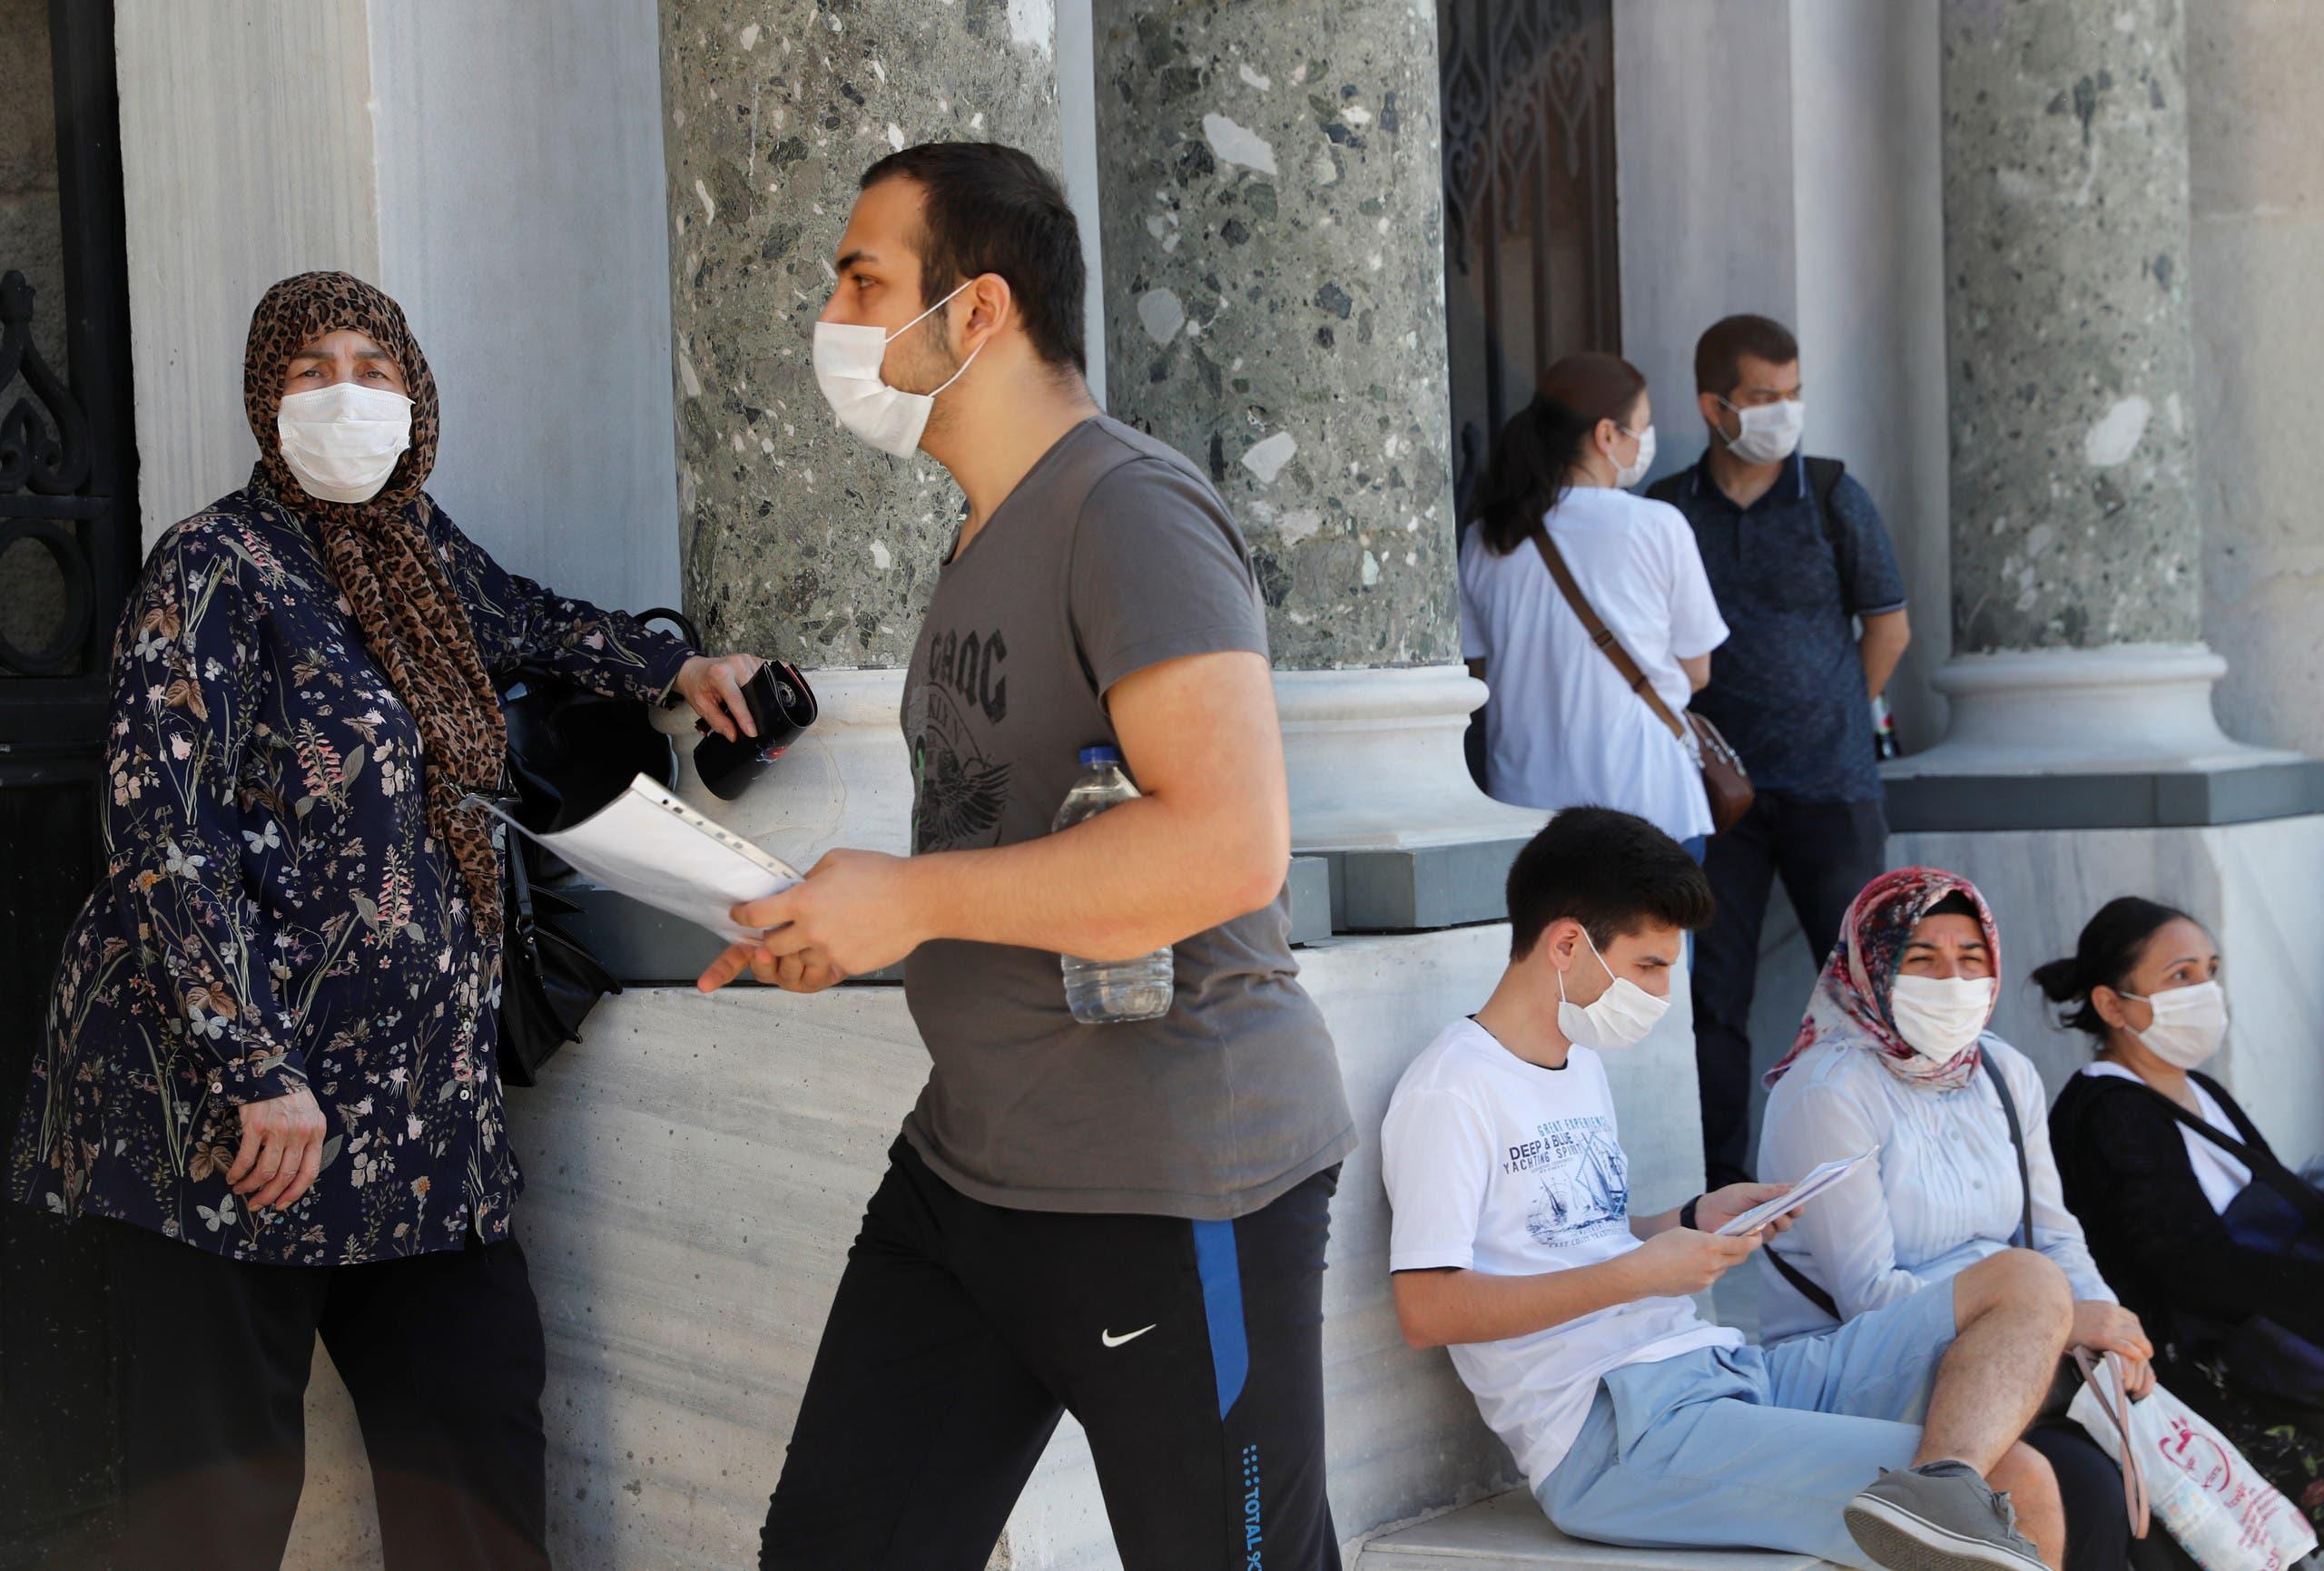 طلاب في جامعة اسطنبول قبيل امتحاناتهم في يونيو الماضي رغم تفشي كورونا